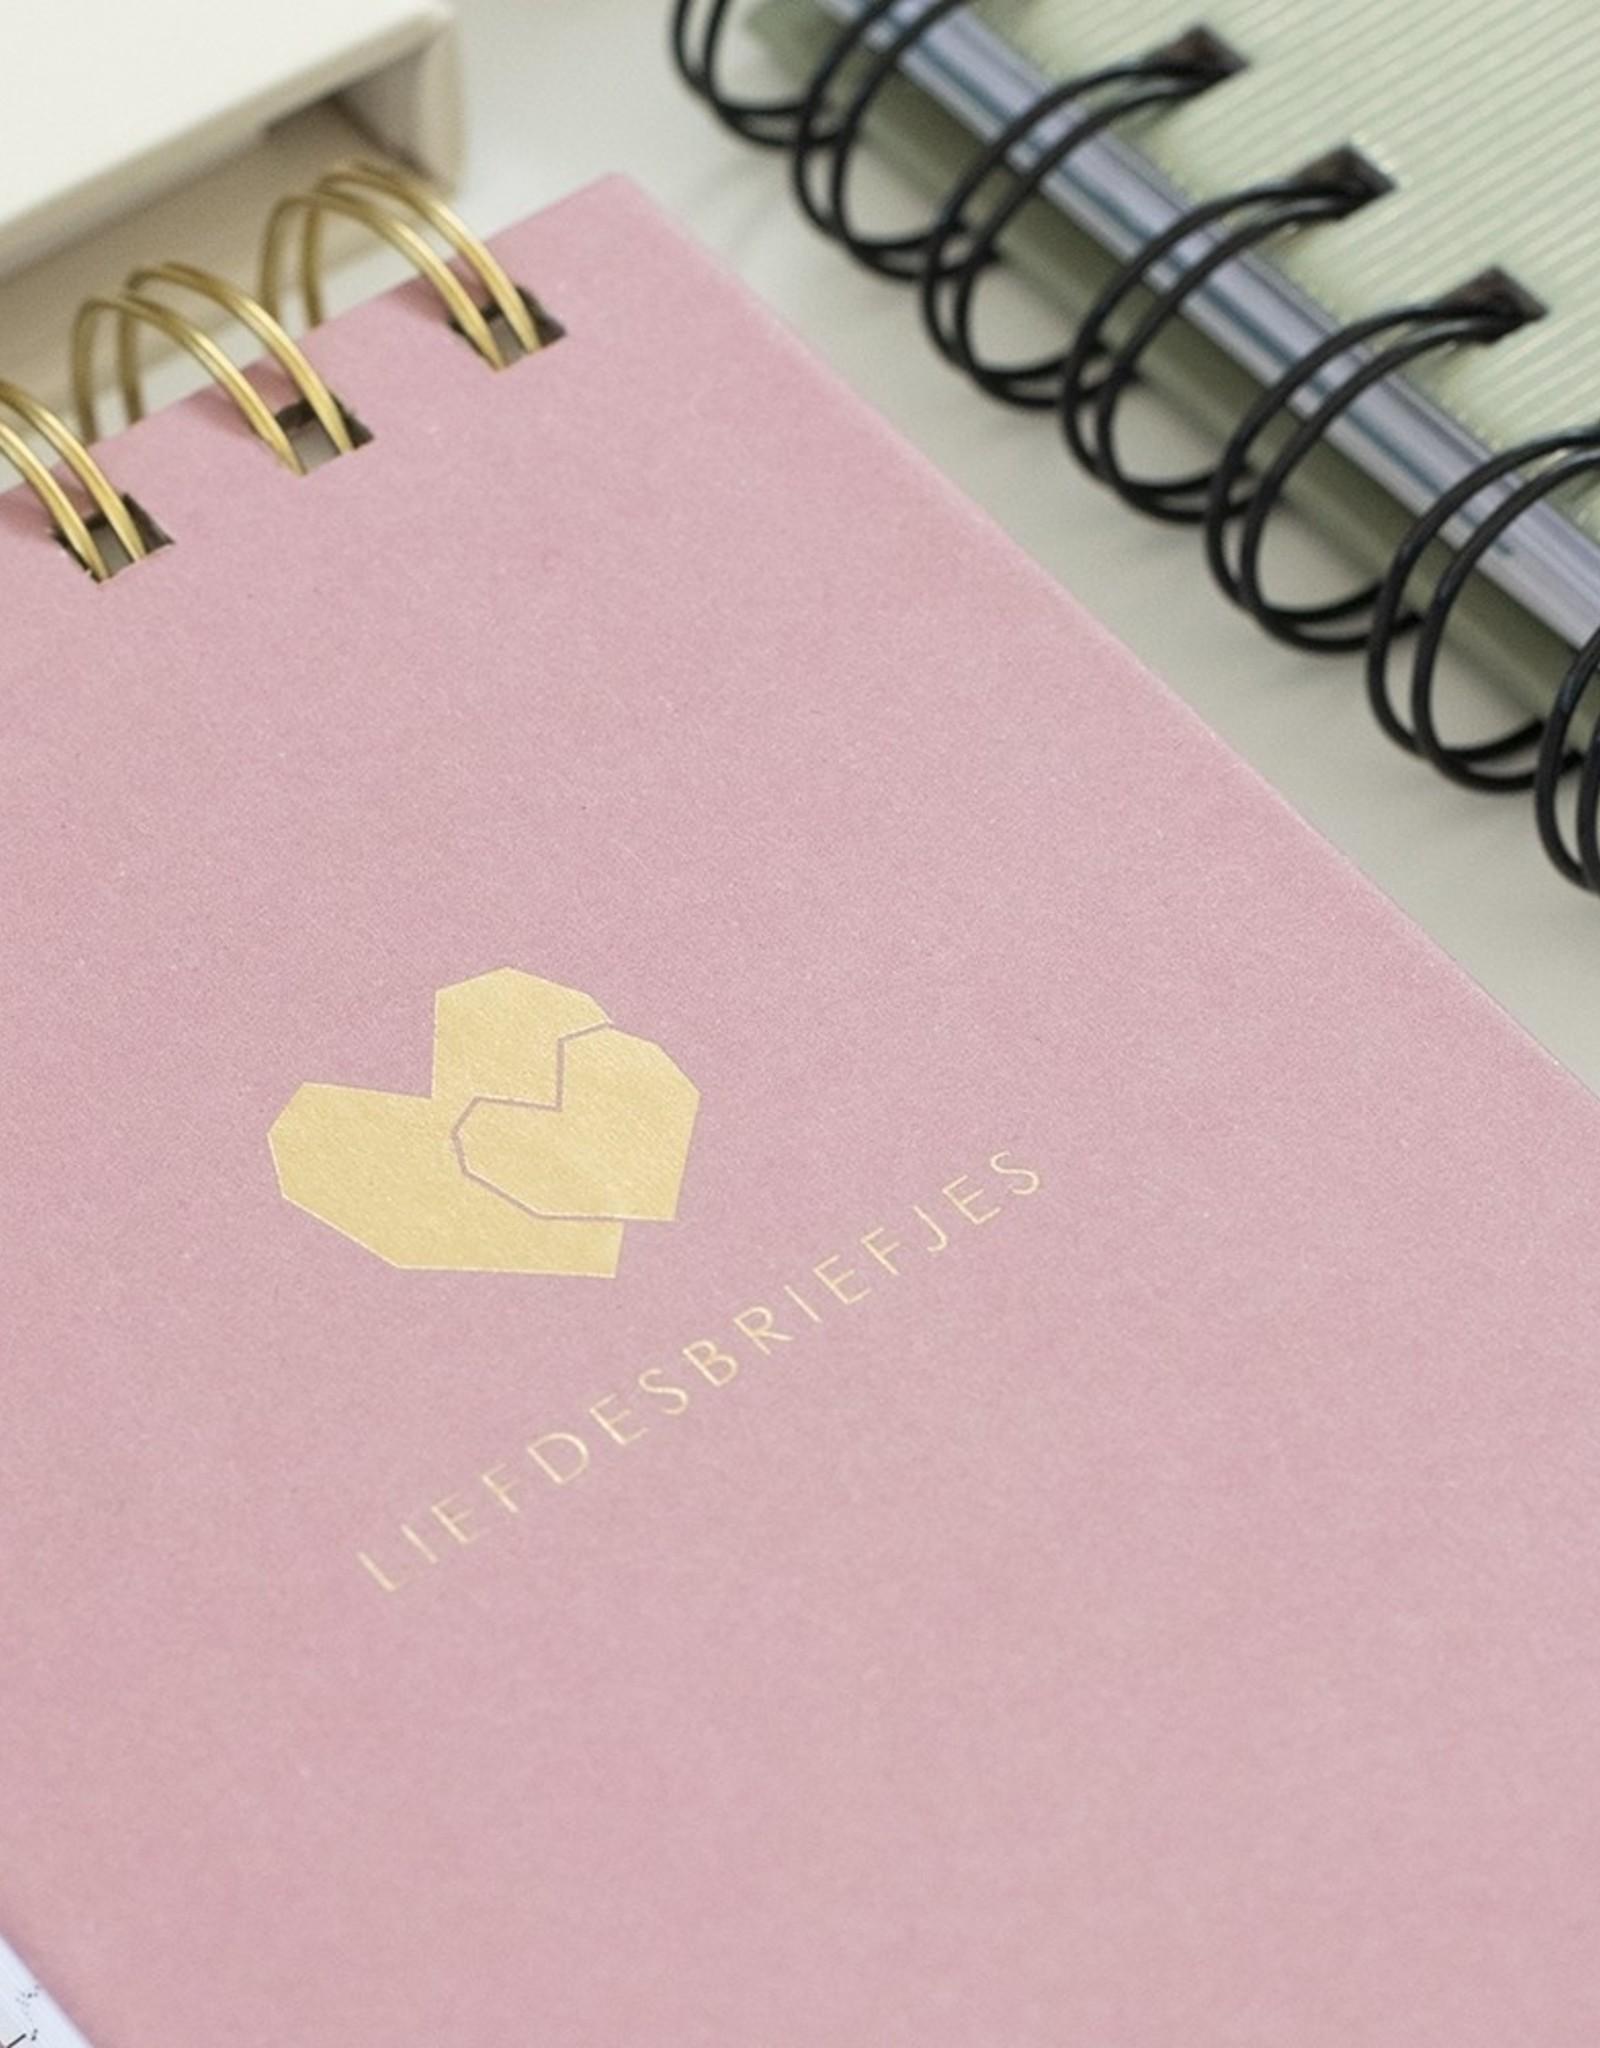 Hop - briefjes voor de liefste